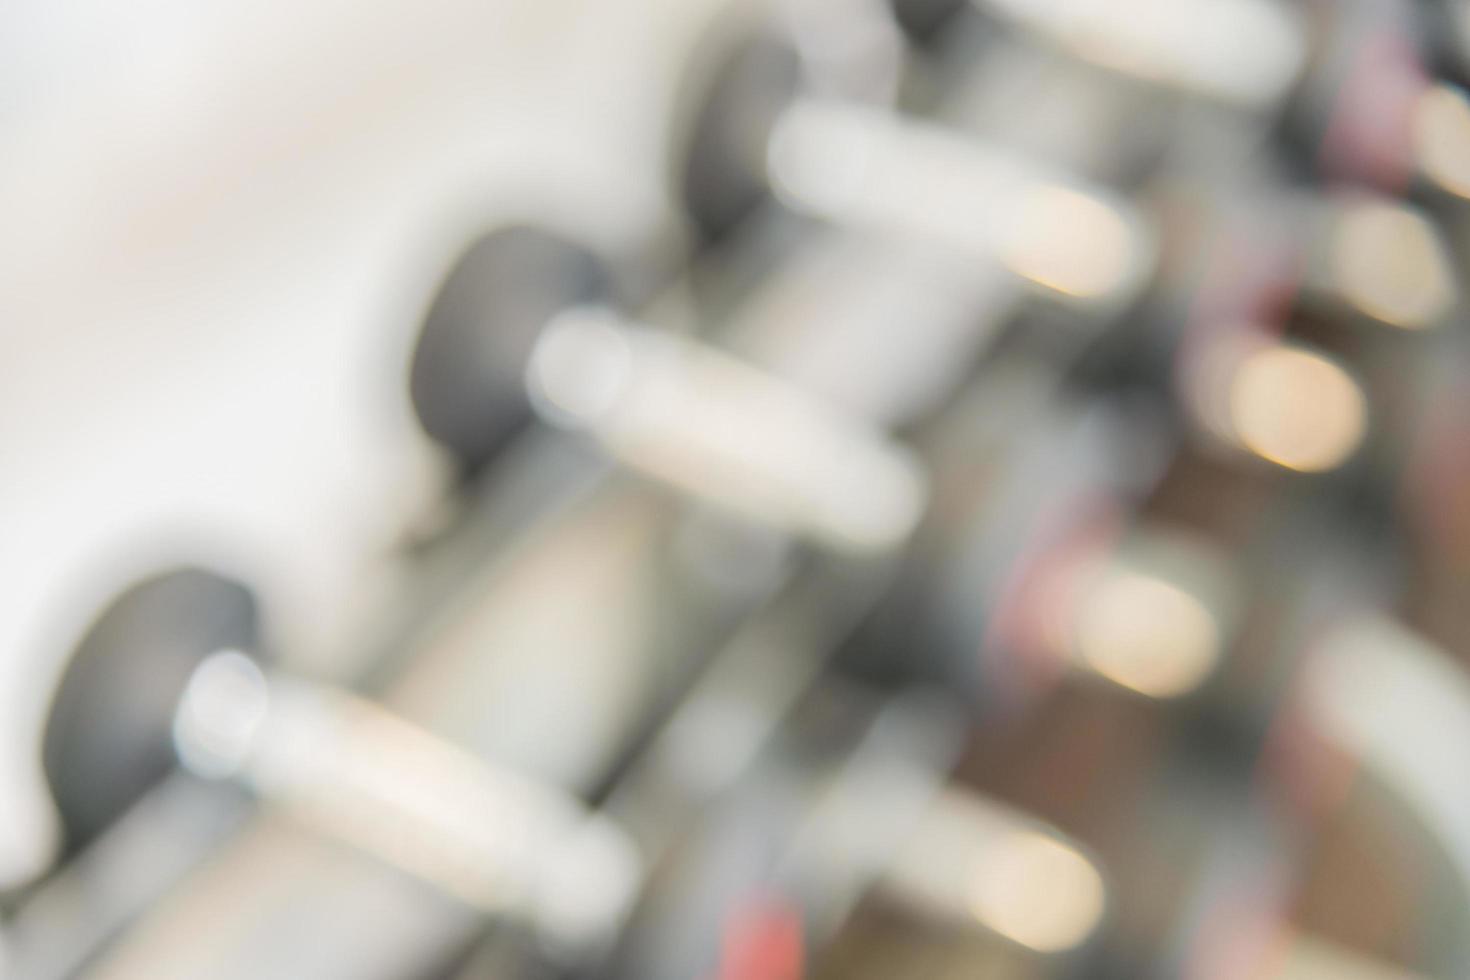 haltères floues dans la salle de sport, arrière-plan photo